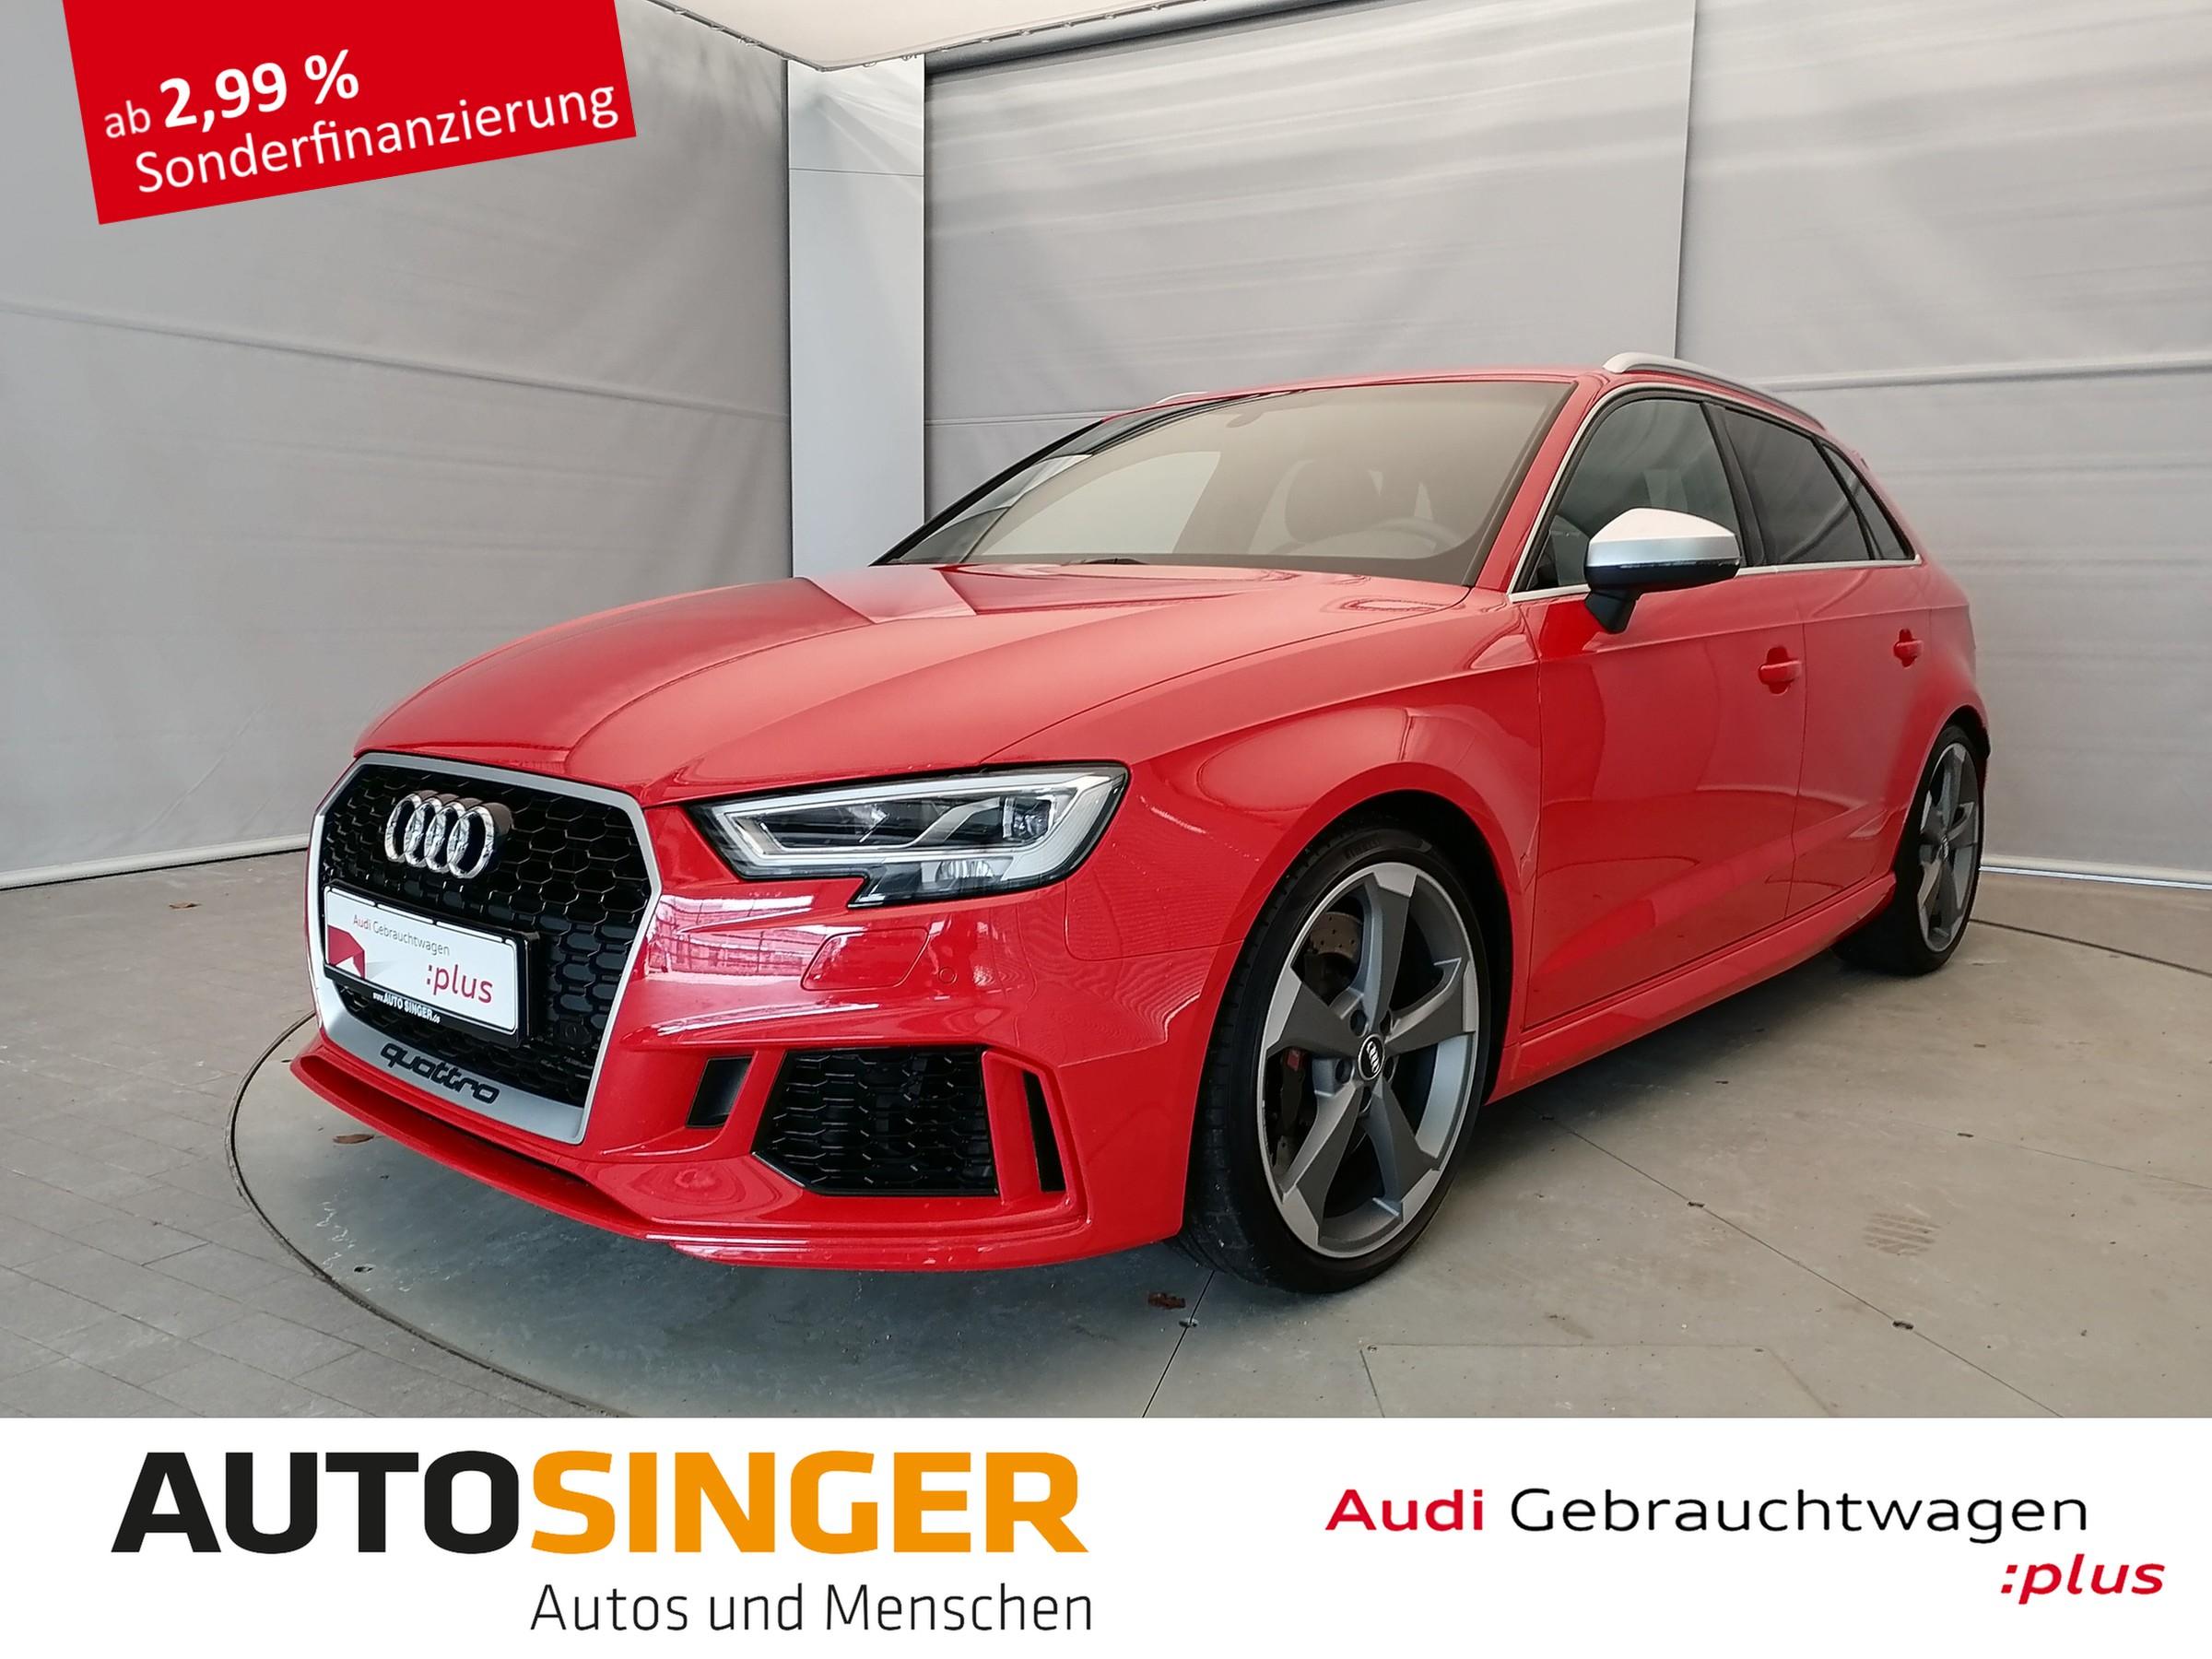 Audi RS 3 Sportback qua *LEDER*NAVI*LED*SHZ*PDC*, Jahr 2018, Benzin